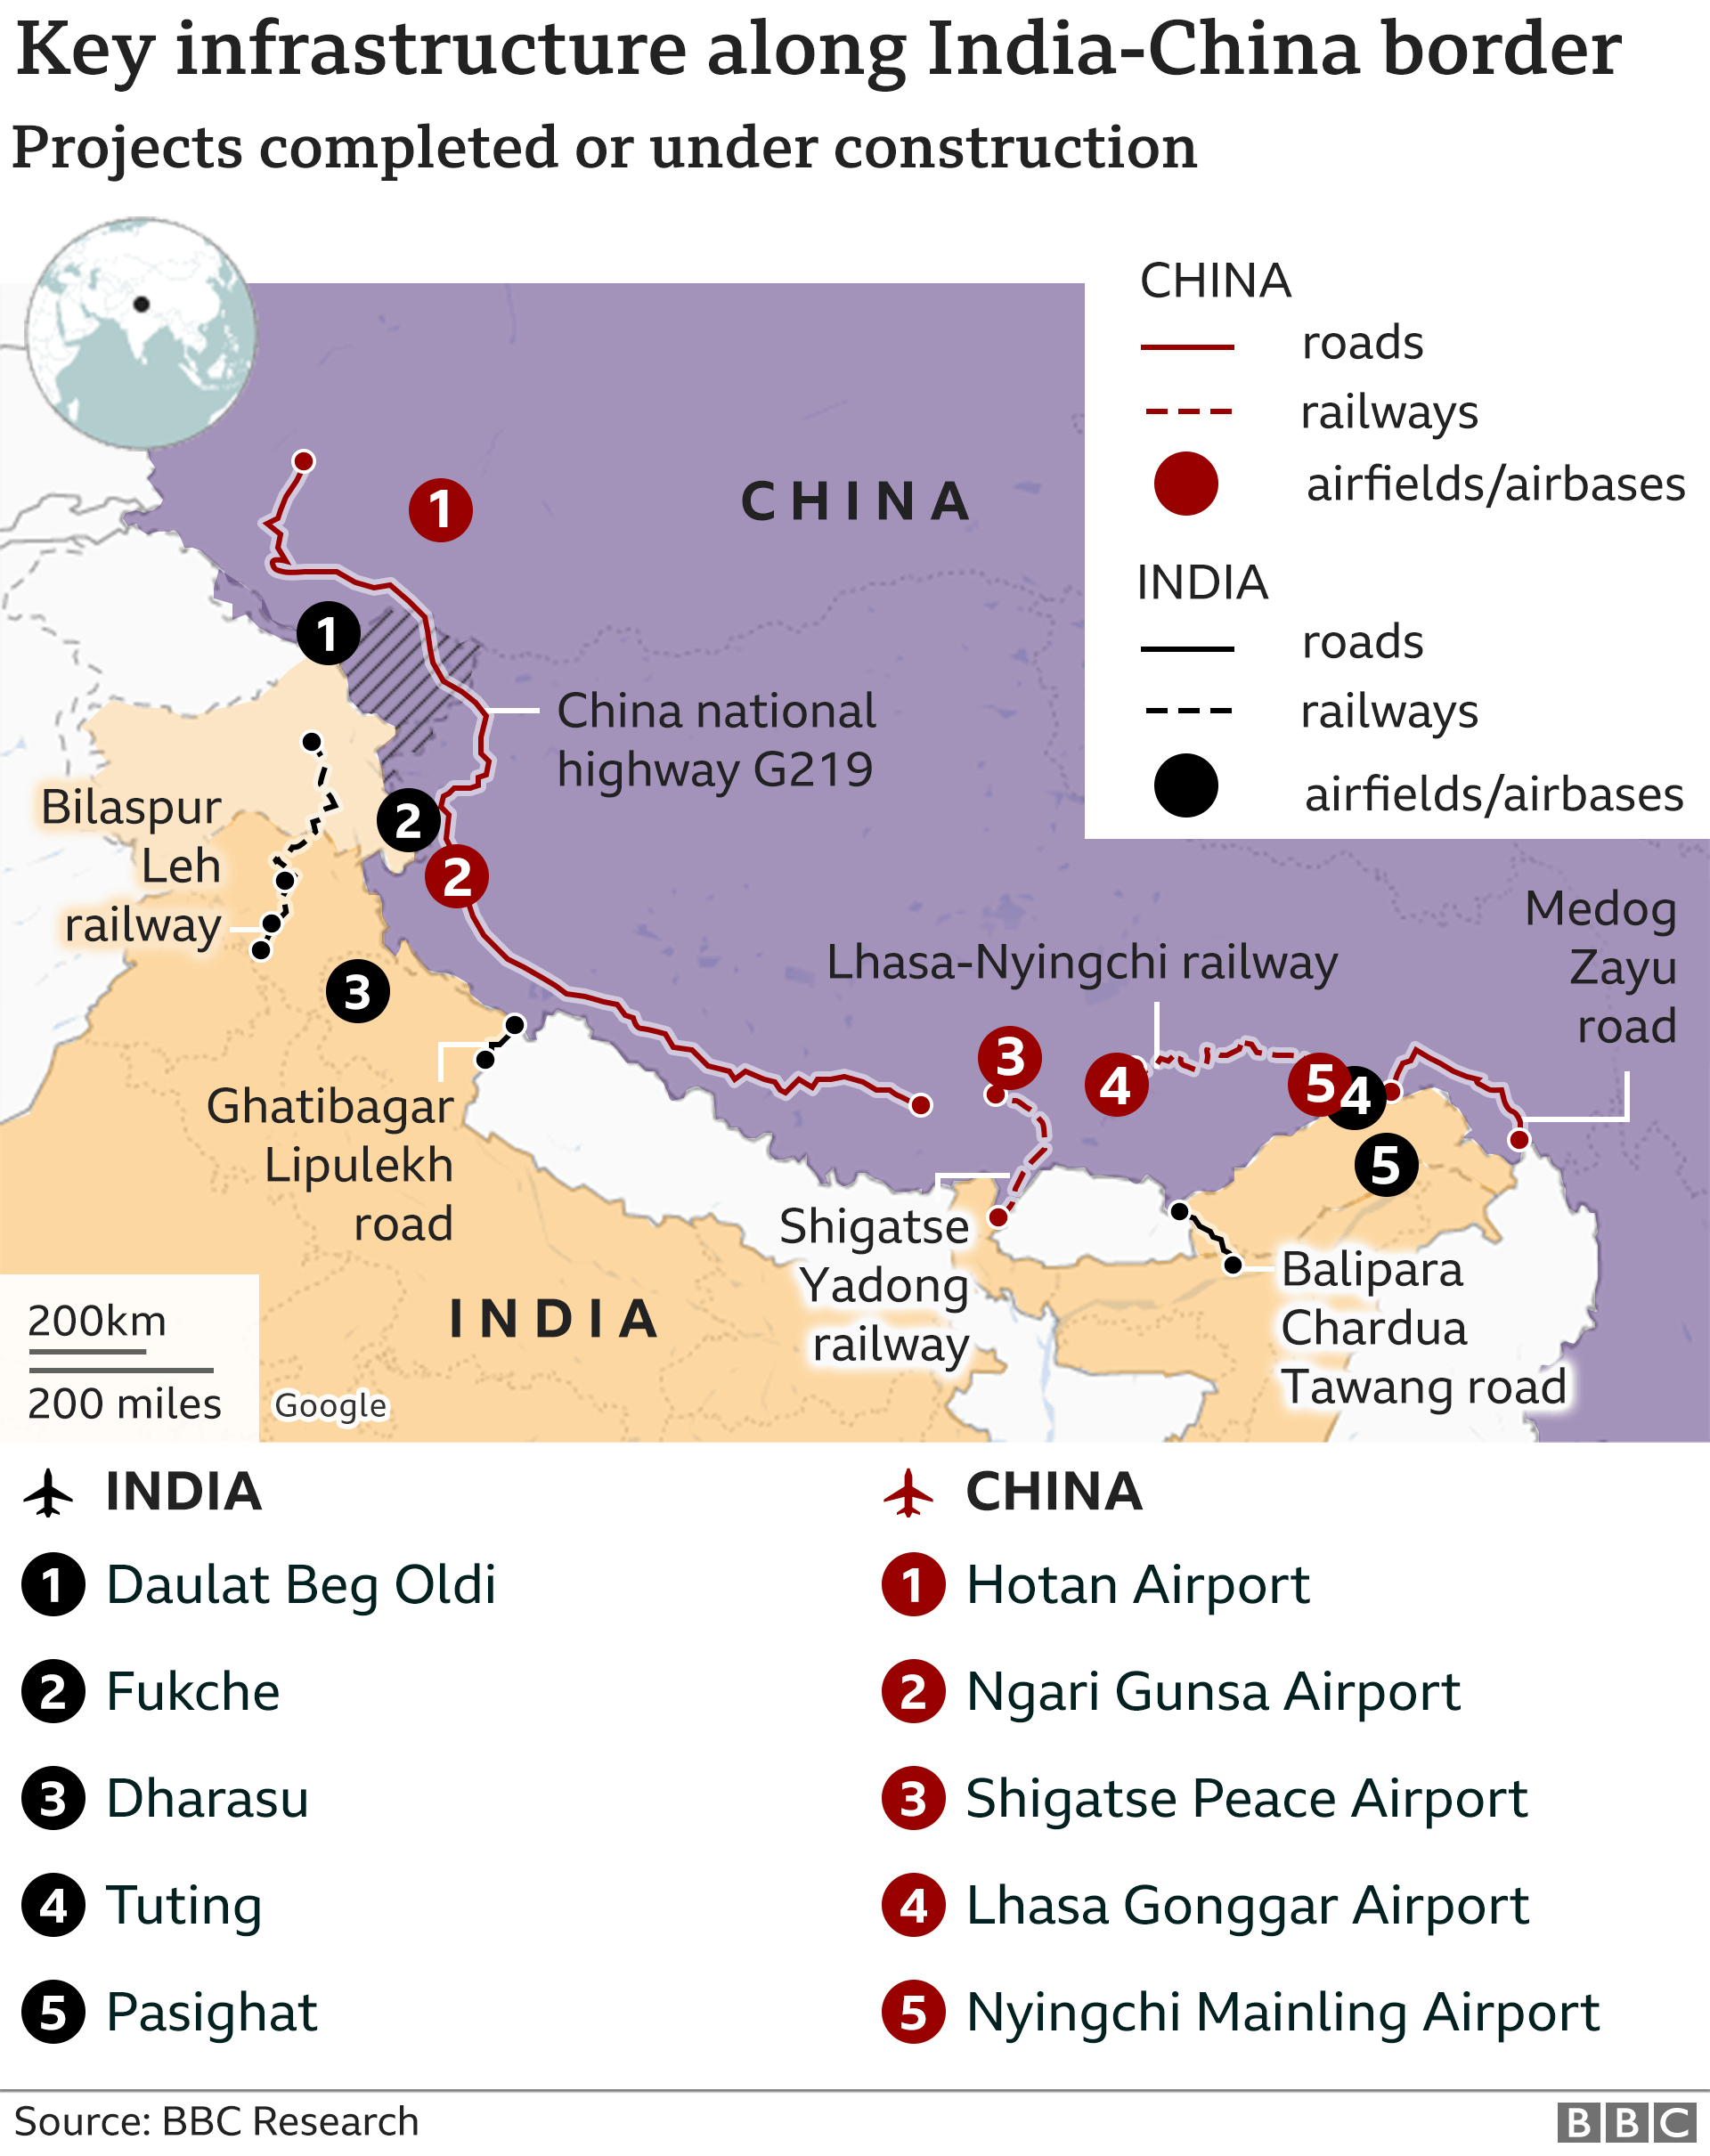 Key infrastructure along India-China border